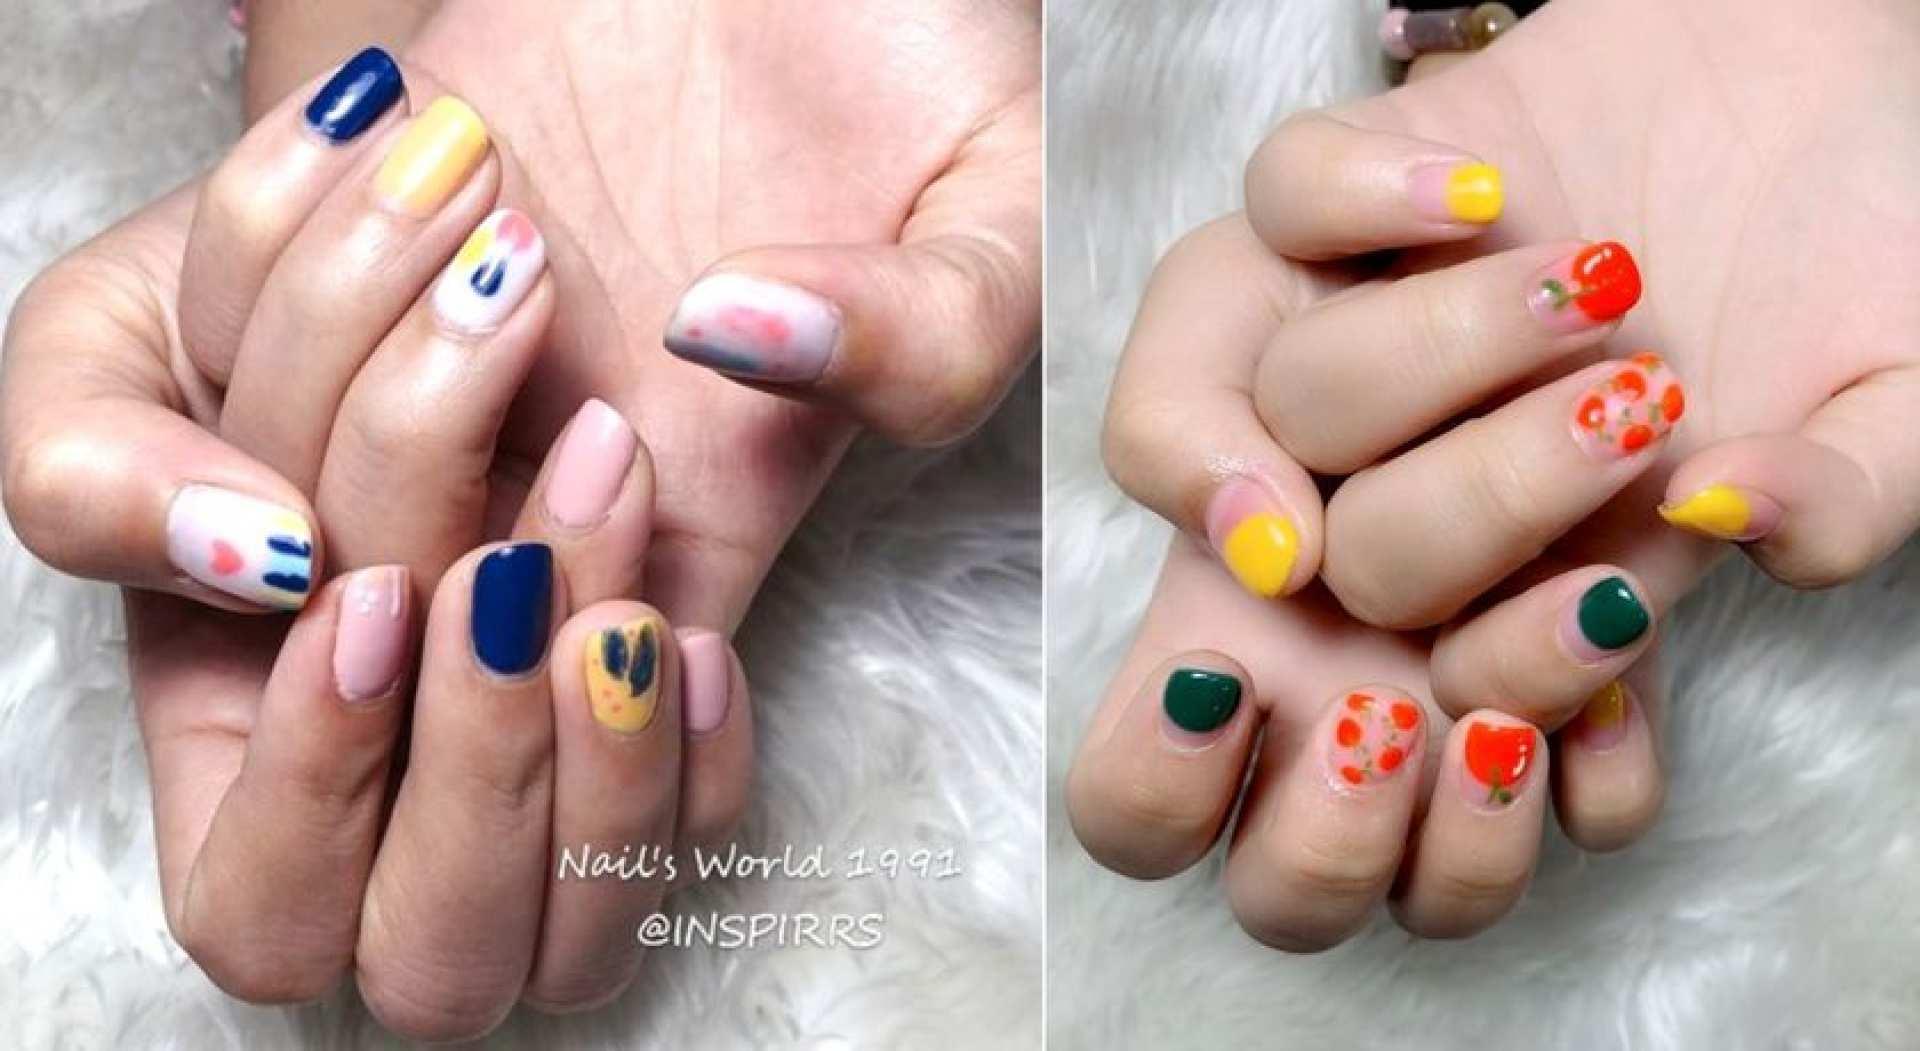 【泰國曼谷】曼谷美甲體驗・Inspires Hair Nails Boutique